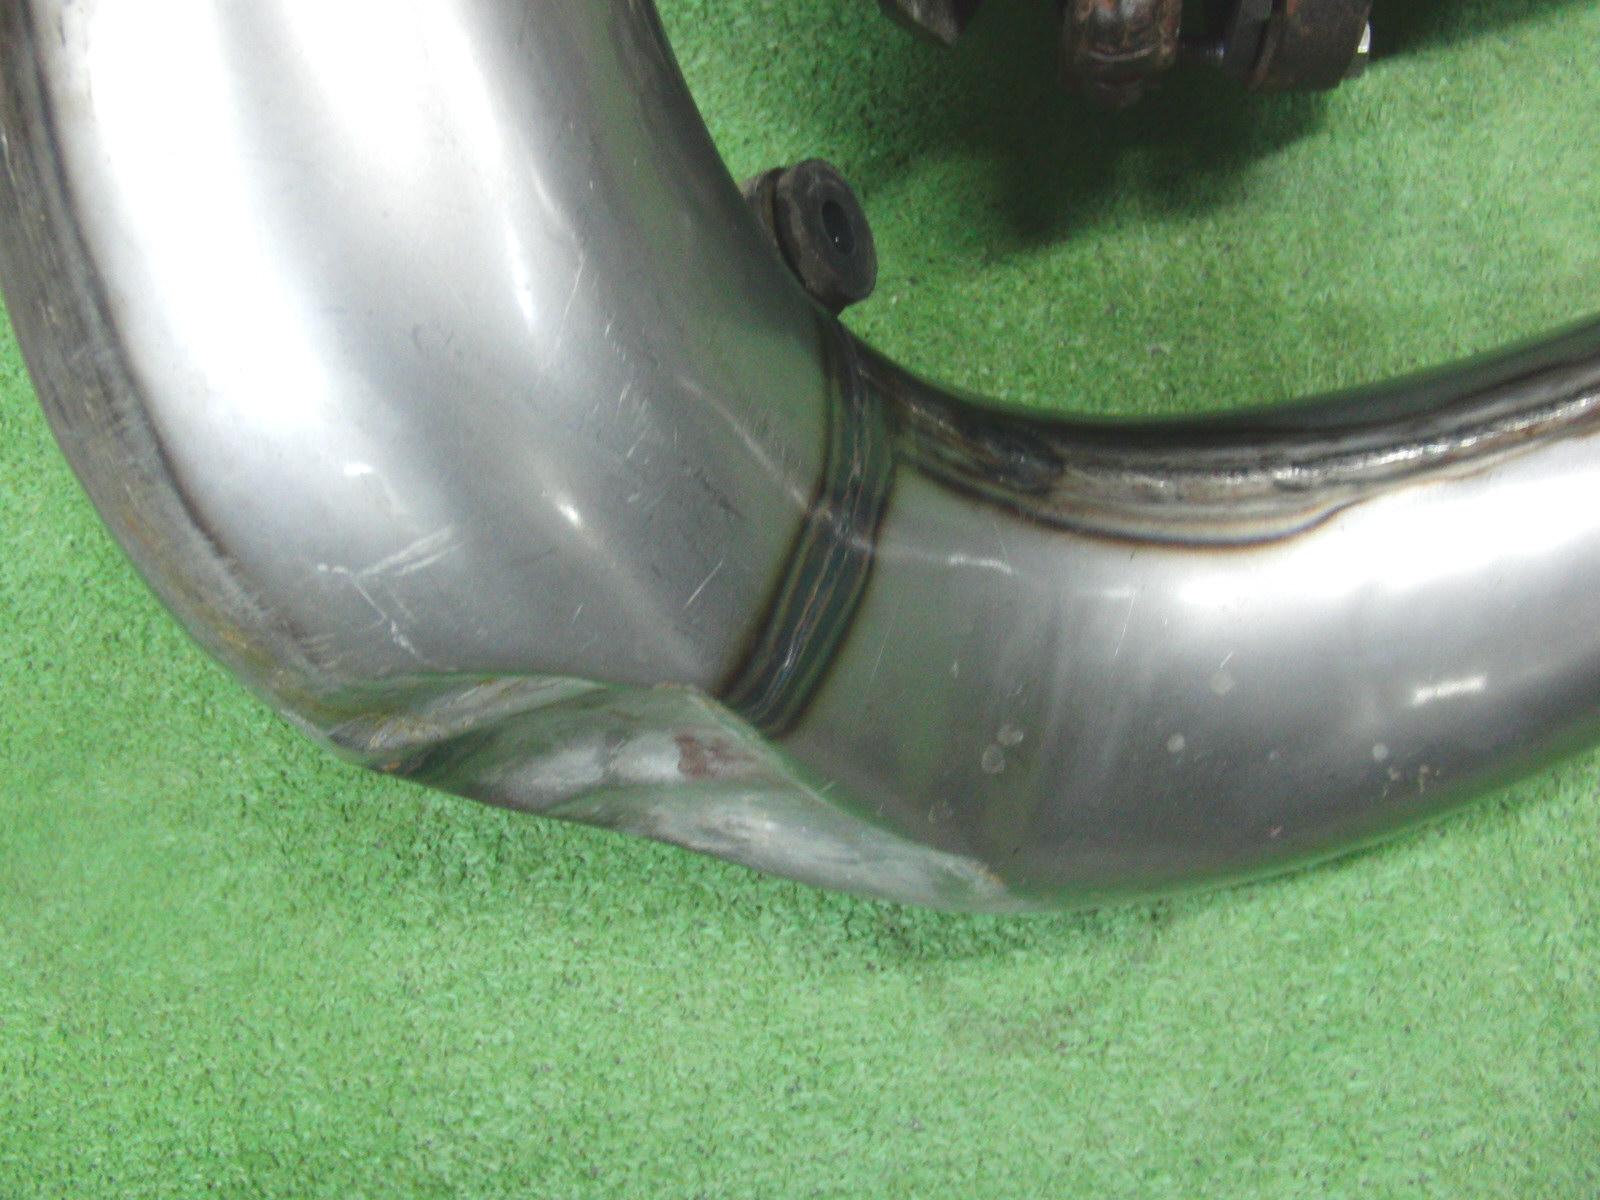 http://www.precious-factory.com/preciousfactory2010/CIMG2653.JPG